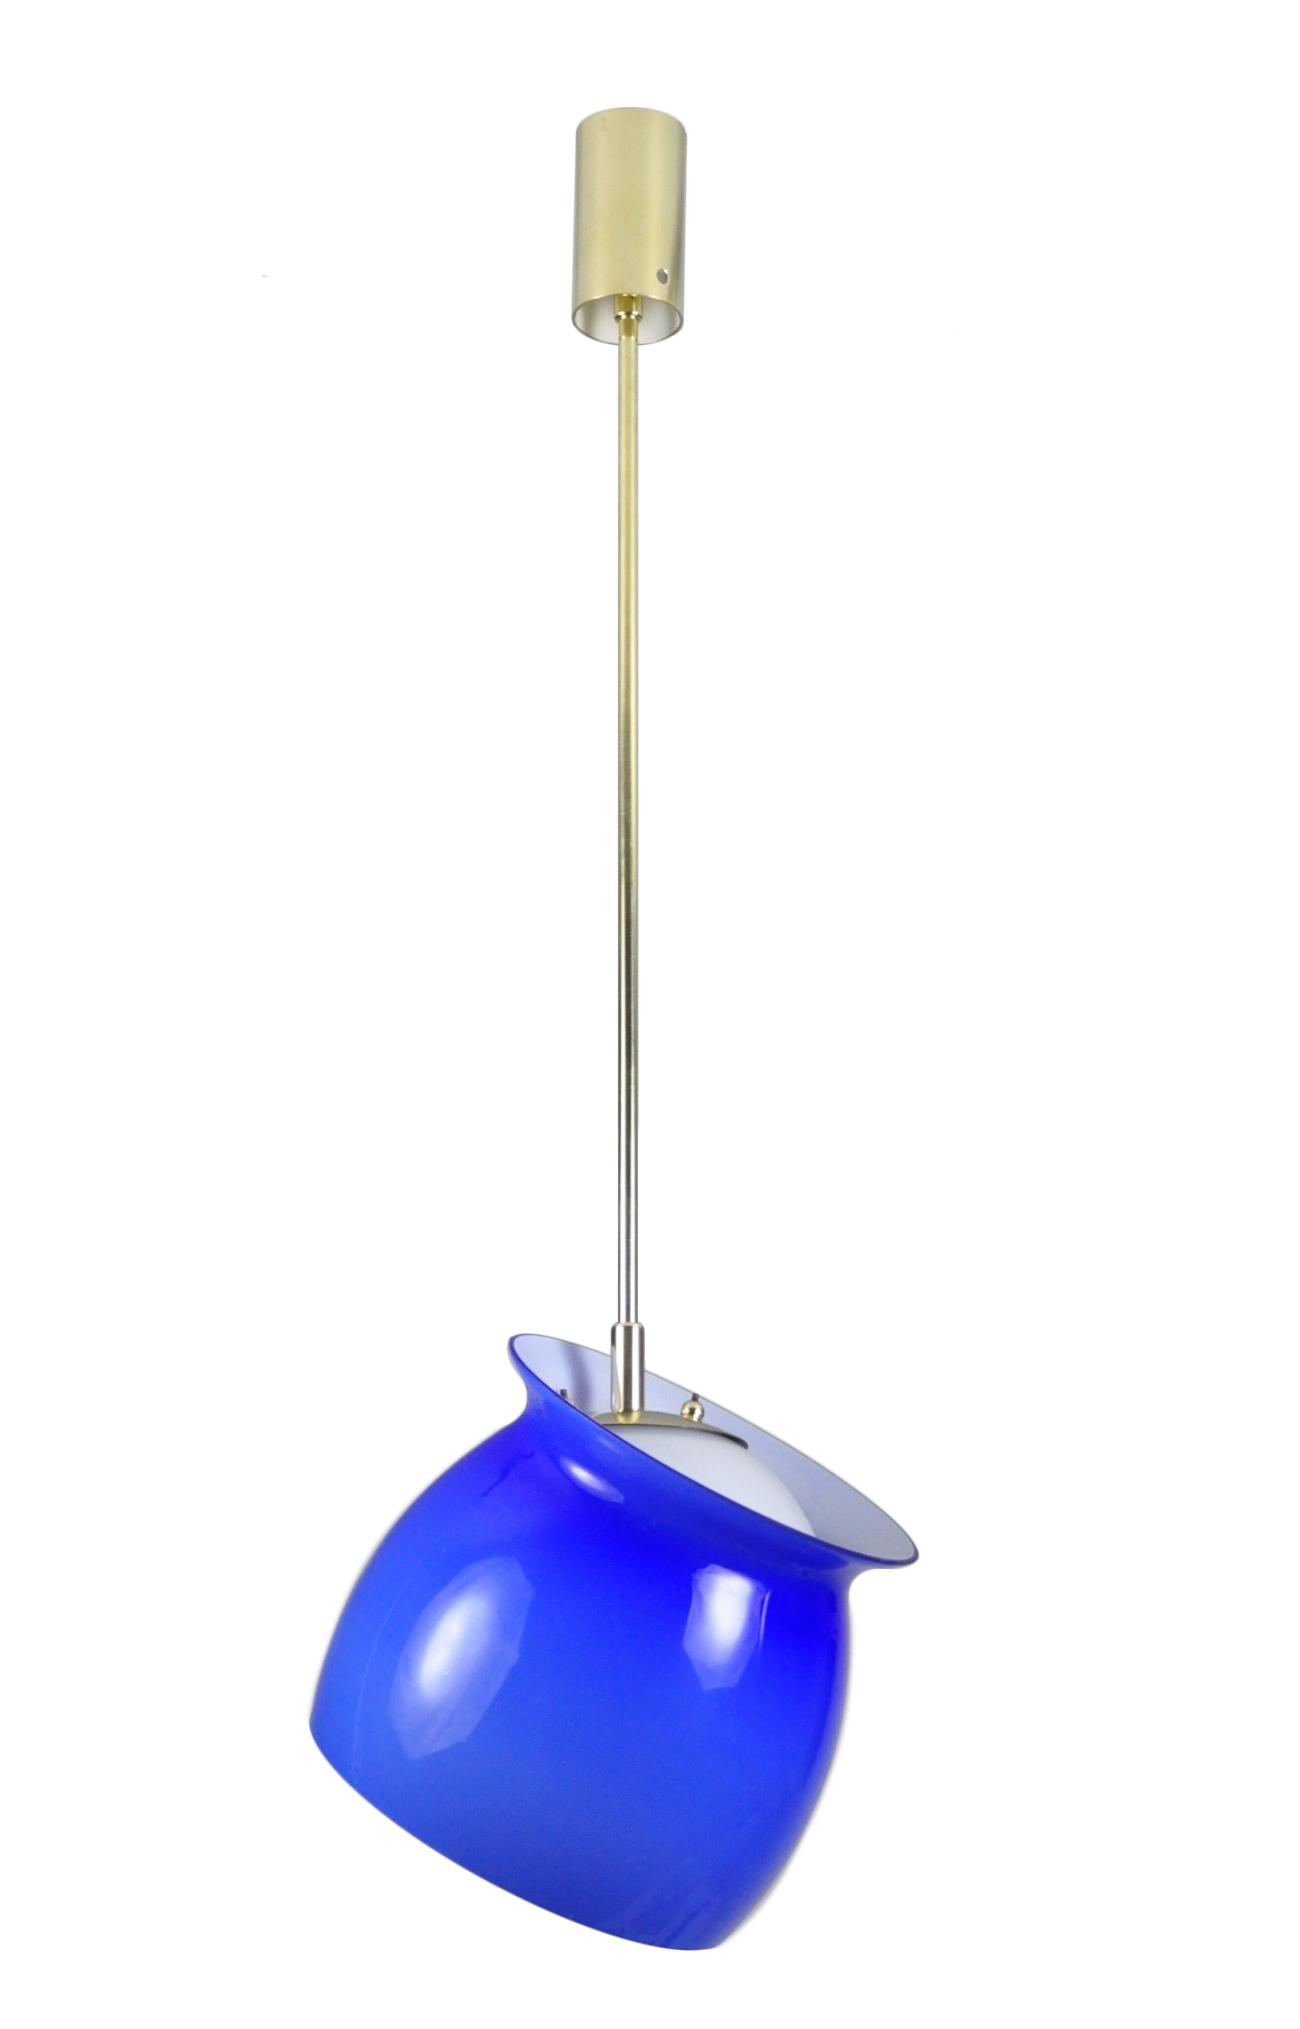 Blue Venini Pivot Pendant Lamp Image